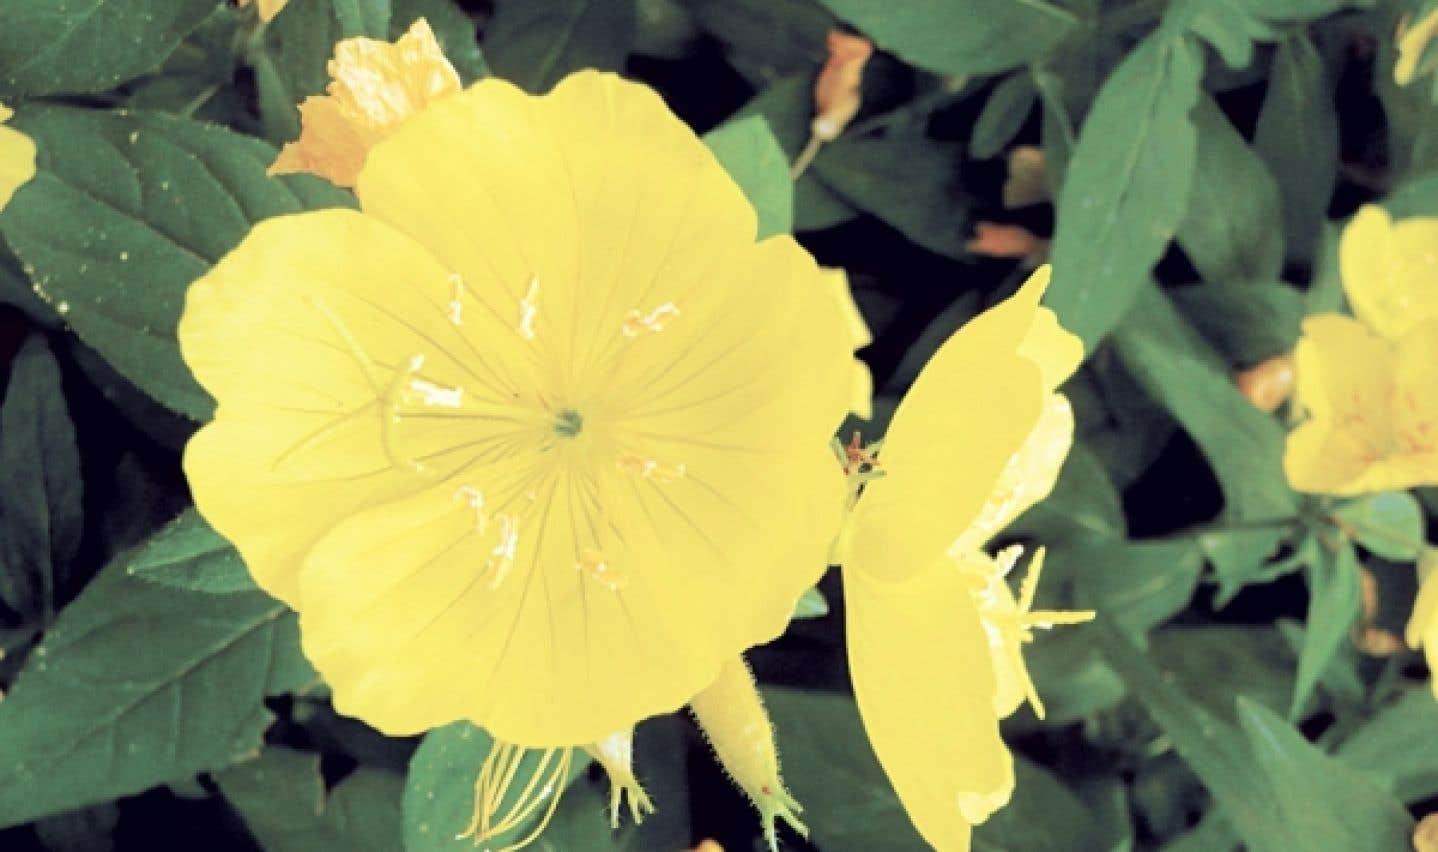 Les fleurs d'onagre se mangent entières, sans étamines, ou encore on déguste uniquement les pétales. On les aime en salade et avec les légumes, le riz ou les pâtes.